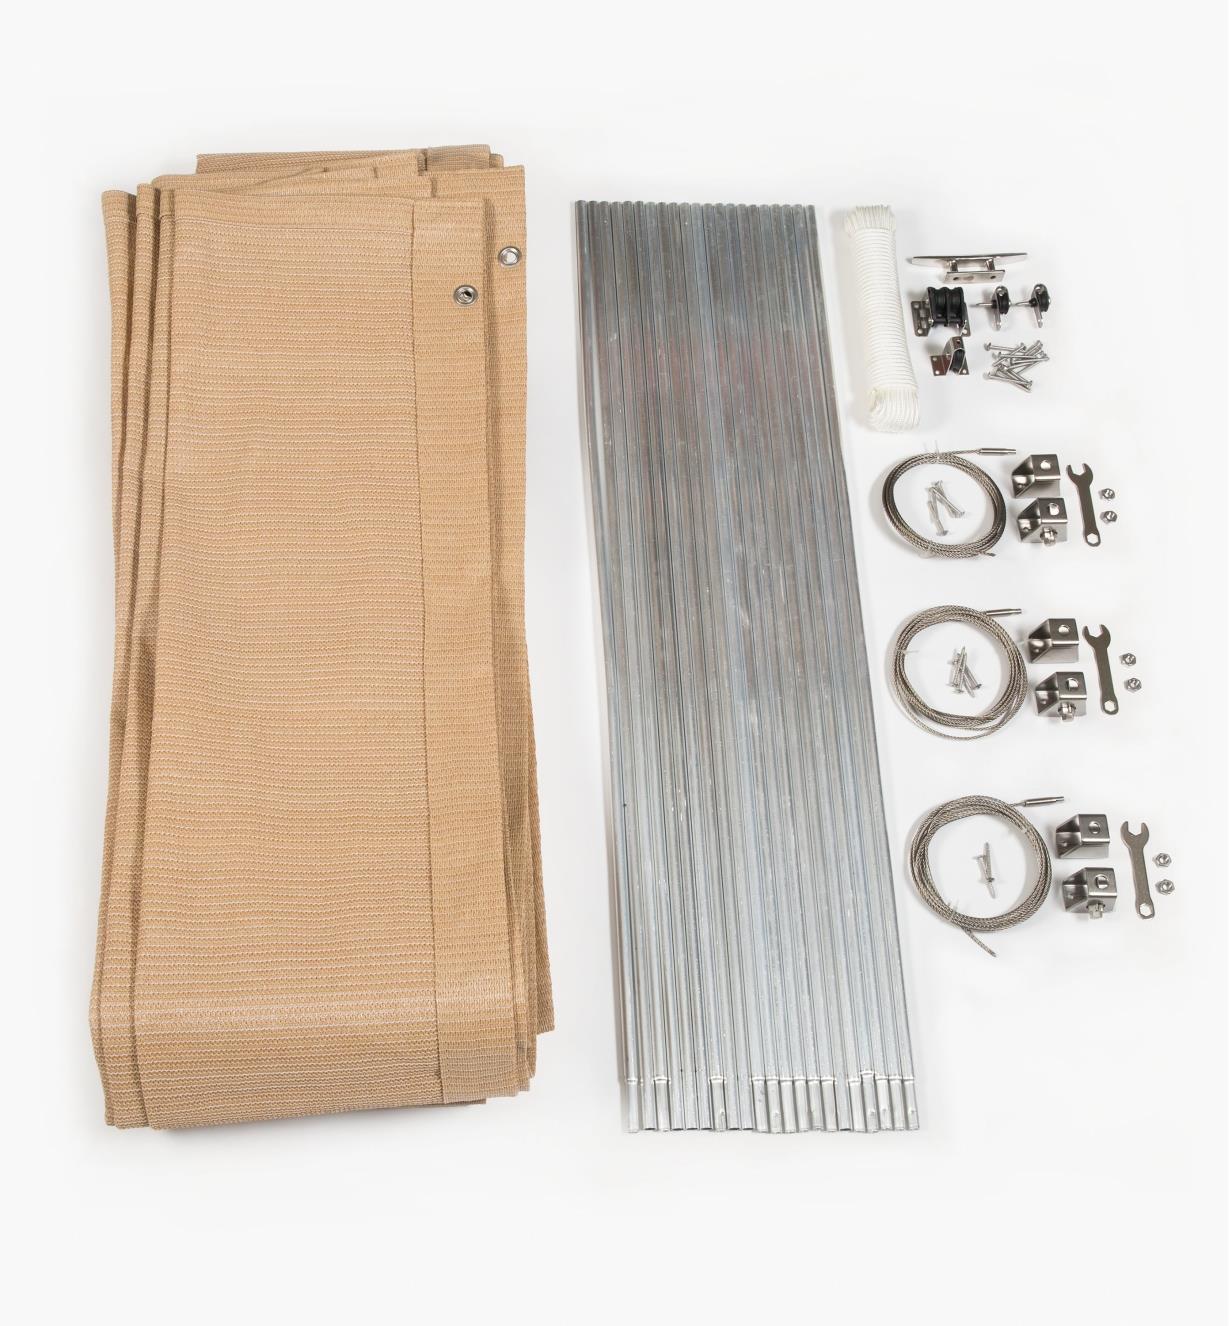 BL628 - Auvent accordéon